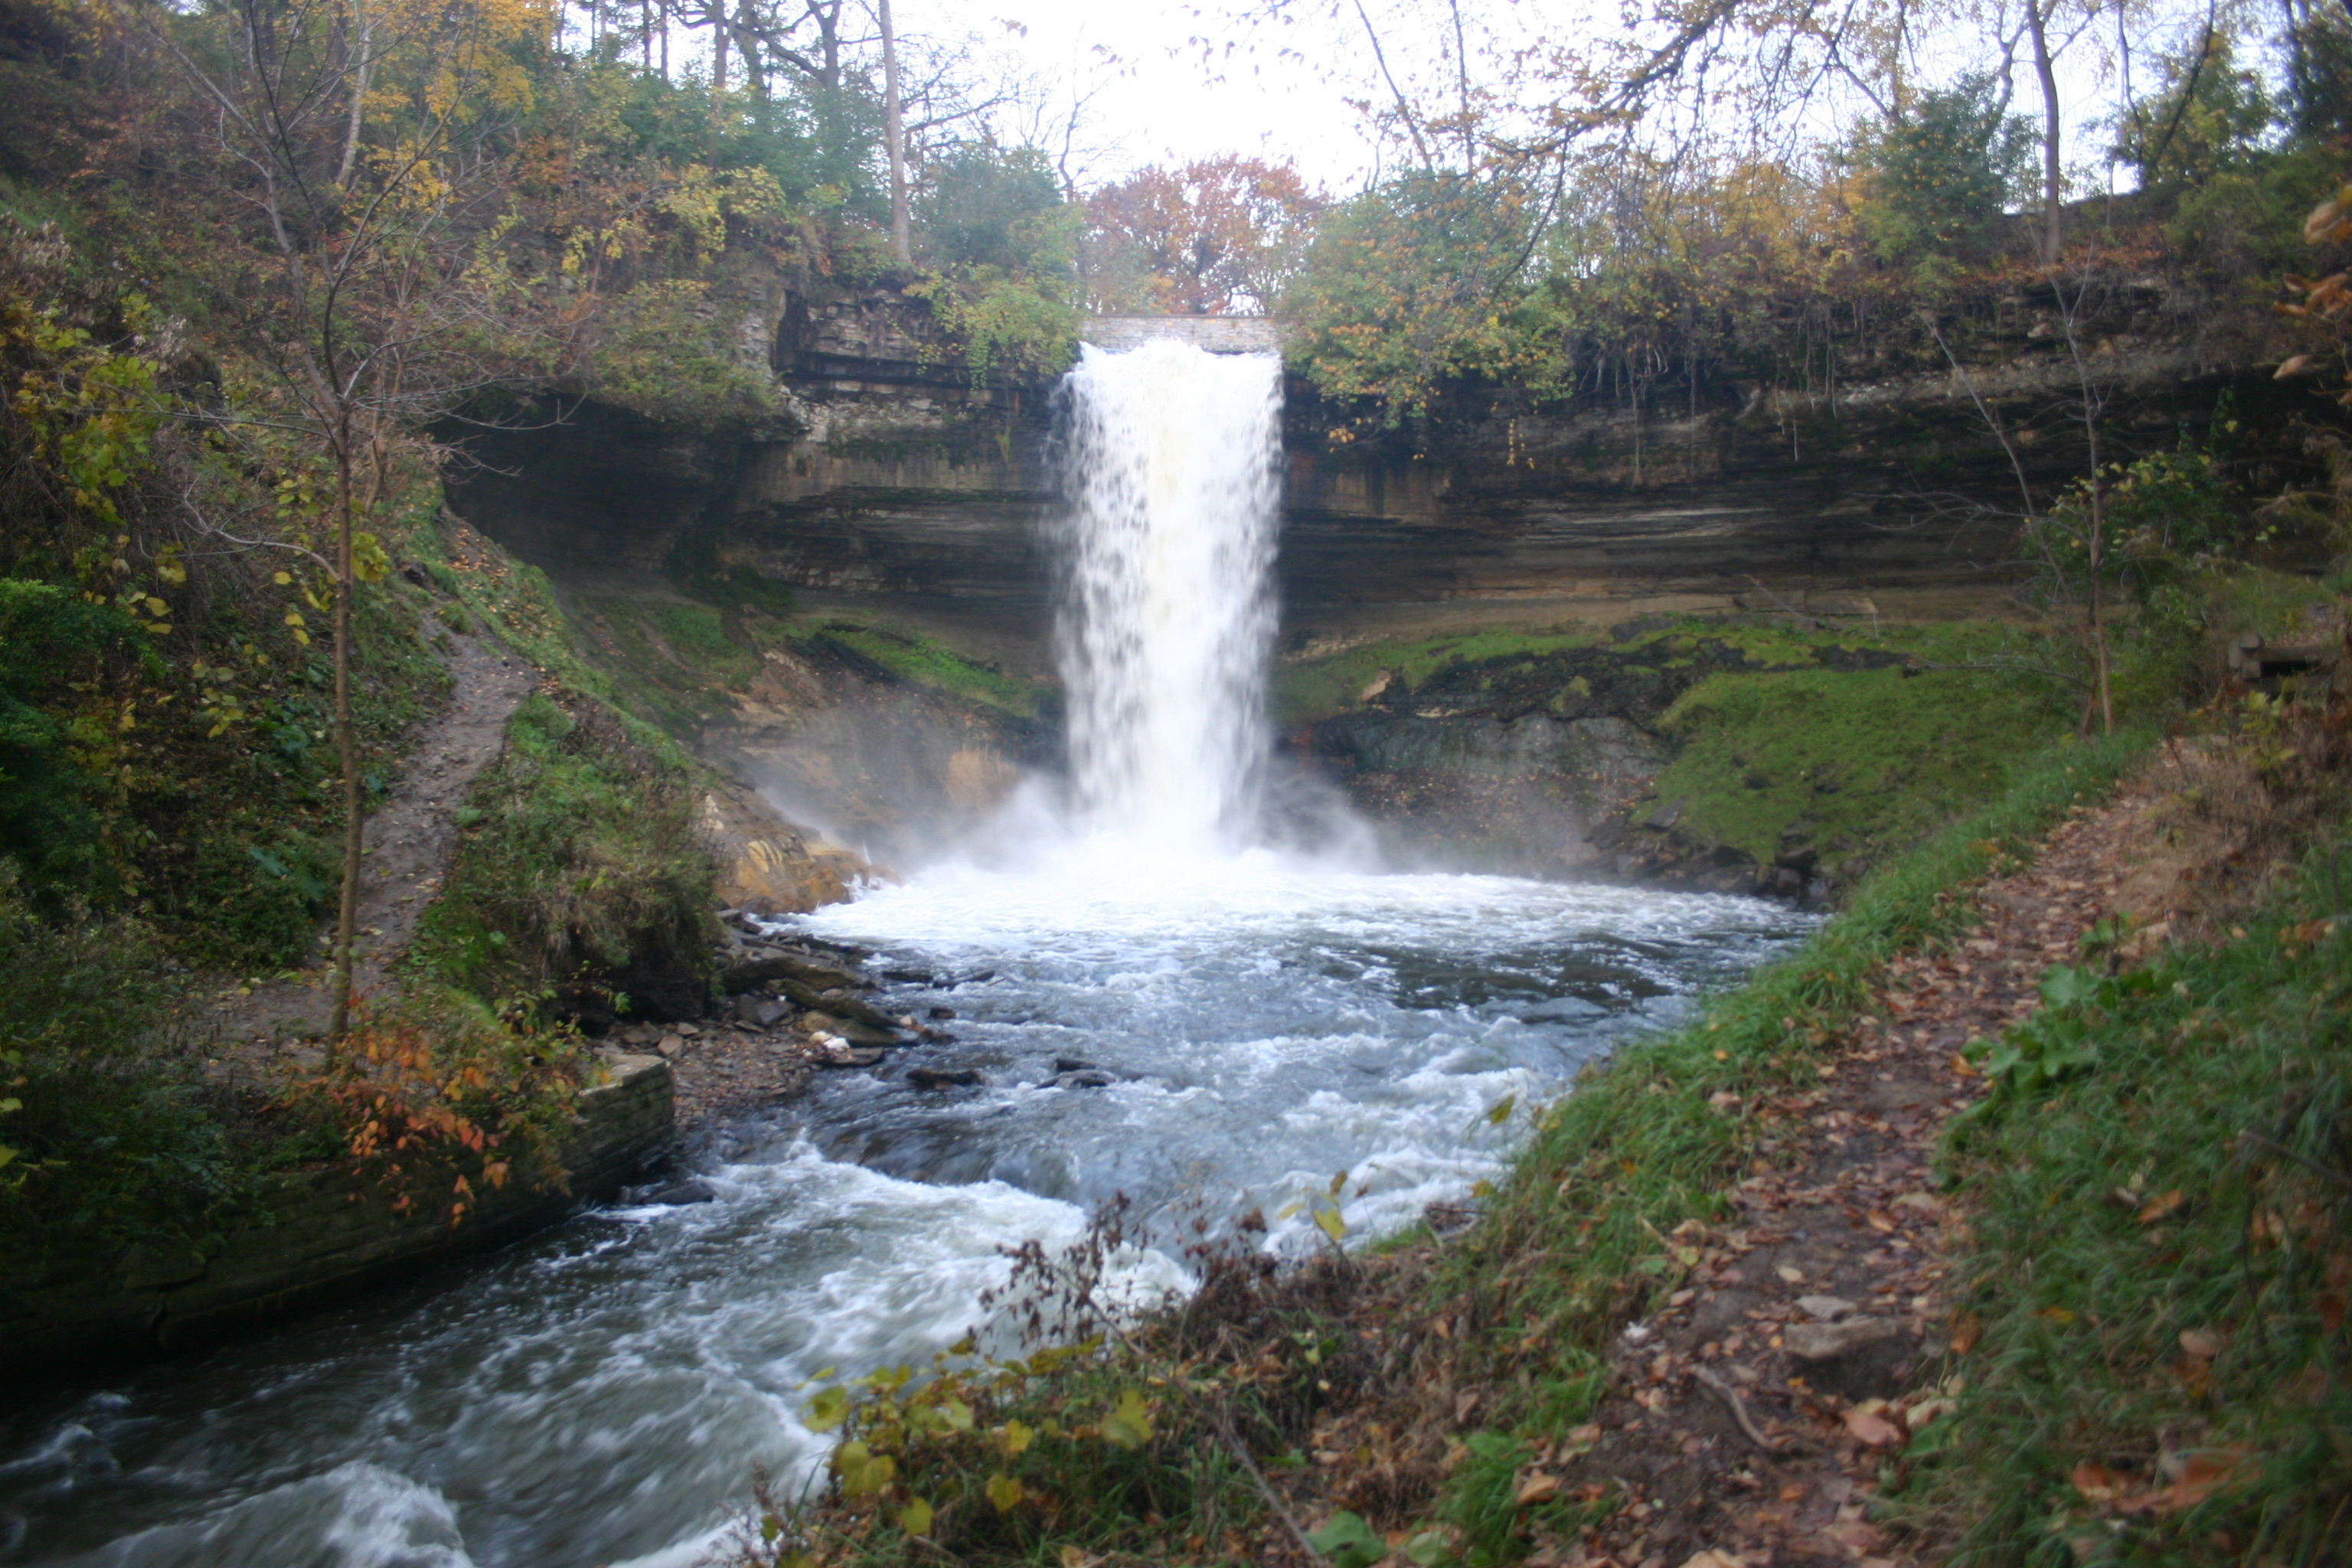 Minnehaha Falls, Minneapolis, Minn. (Wikipedia)